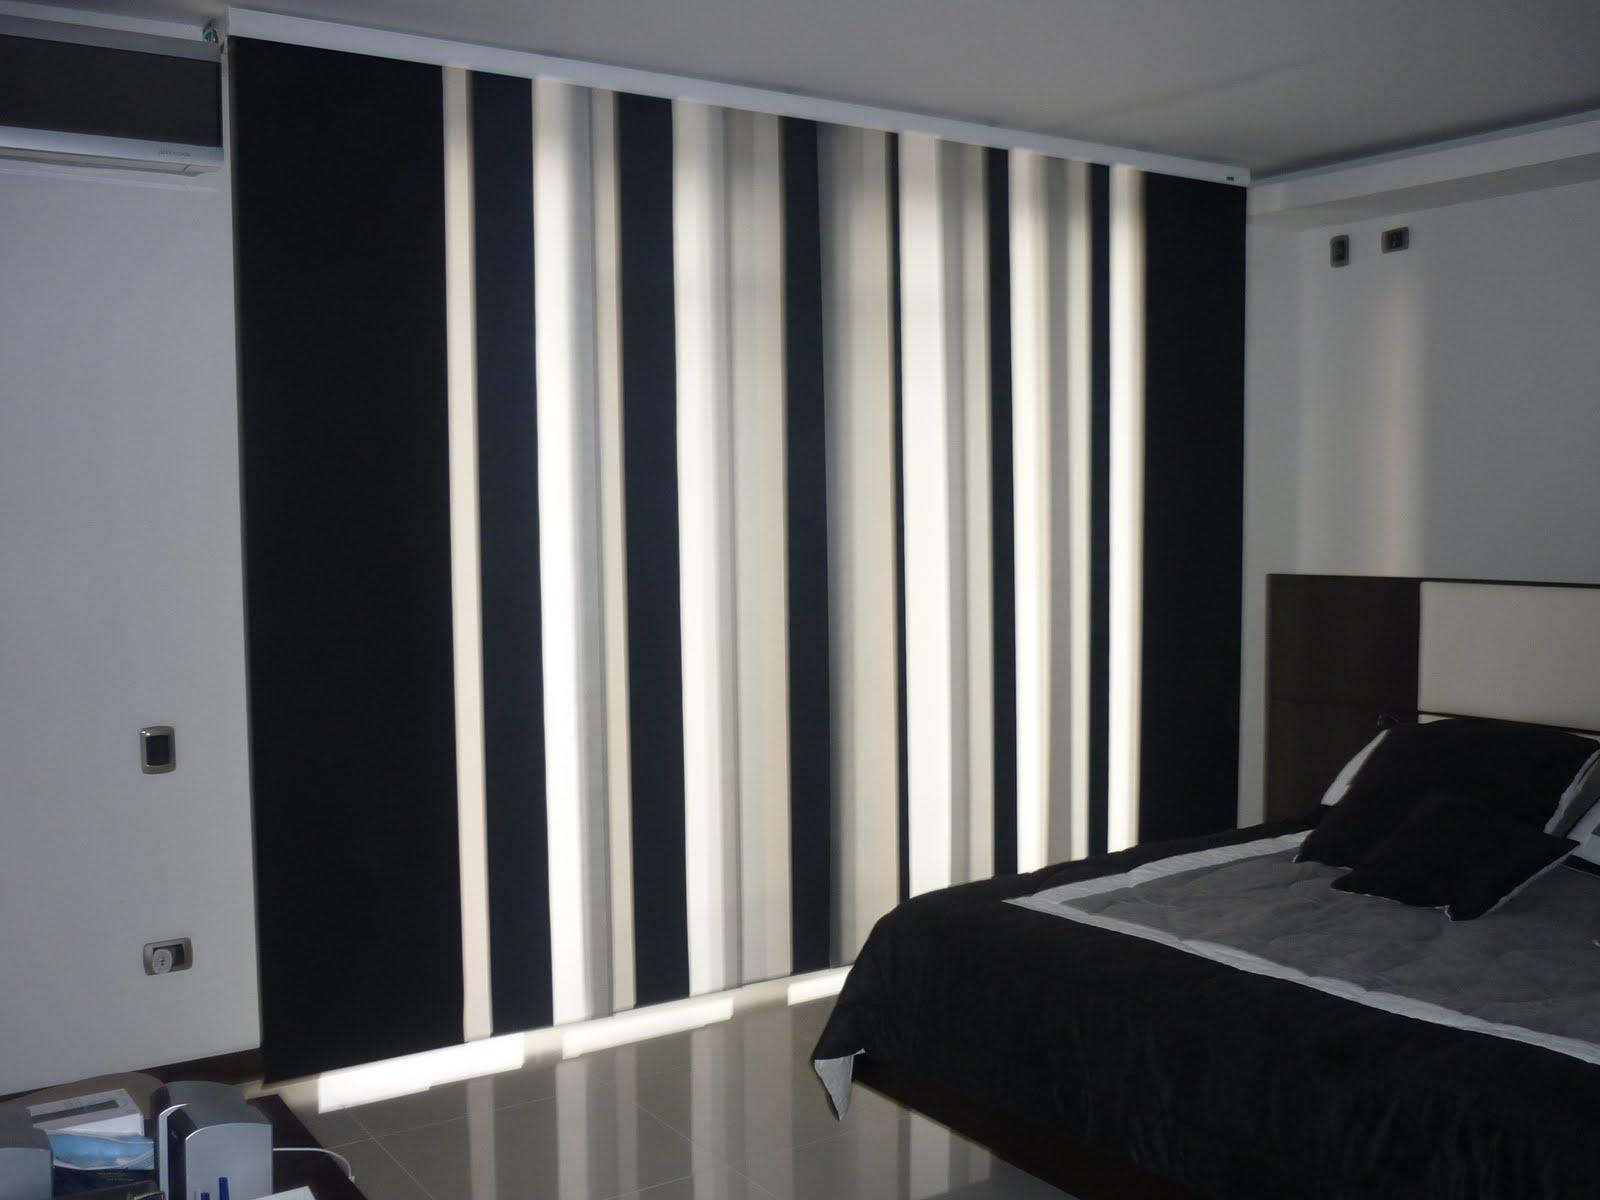 Persianas y cortinas emmanuel panel japones - Panel japones cortinas ...